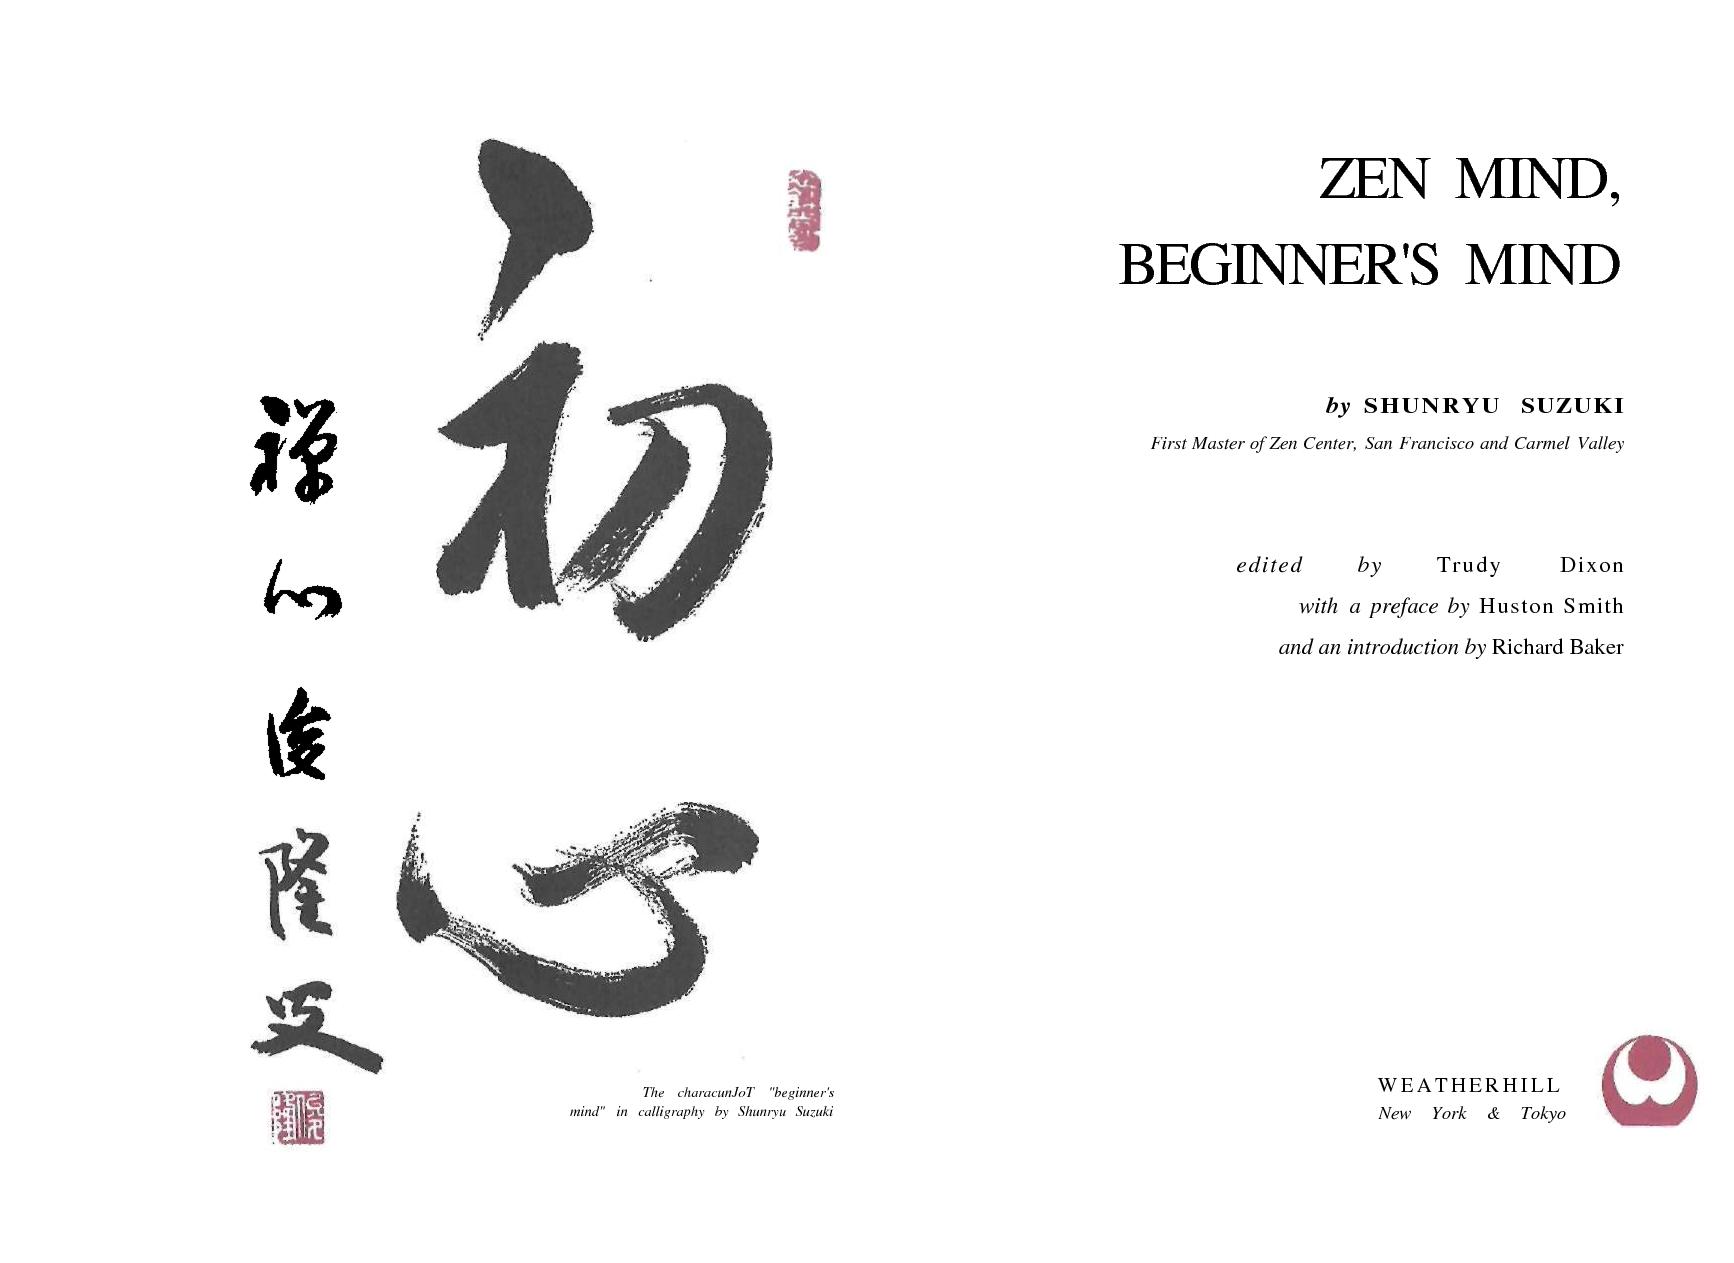 Zen Mind, Beginners Mind, Suzuki, Shunryu